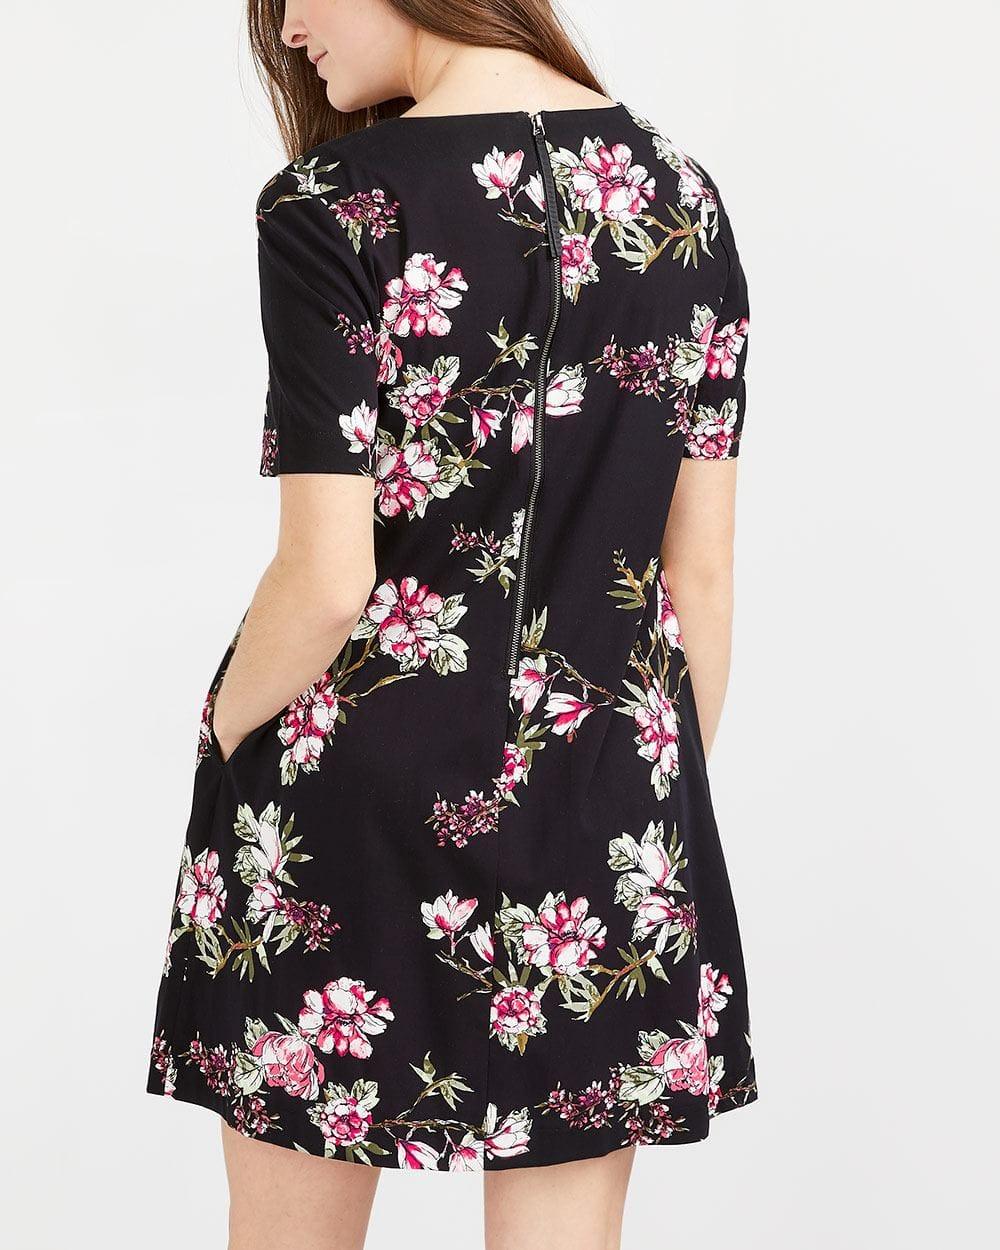 Short Sleeve Pocket Floral Dress